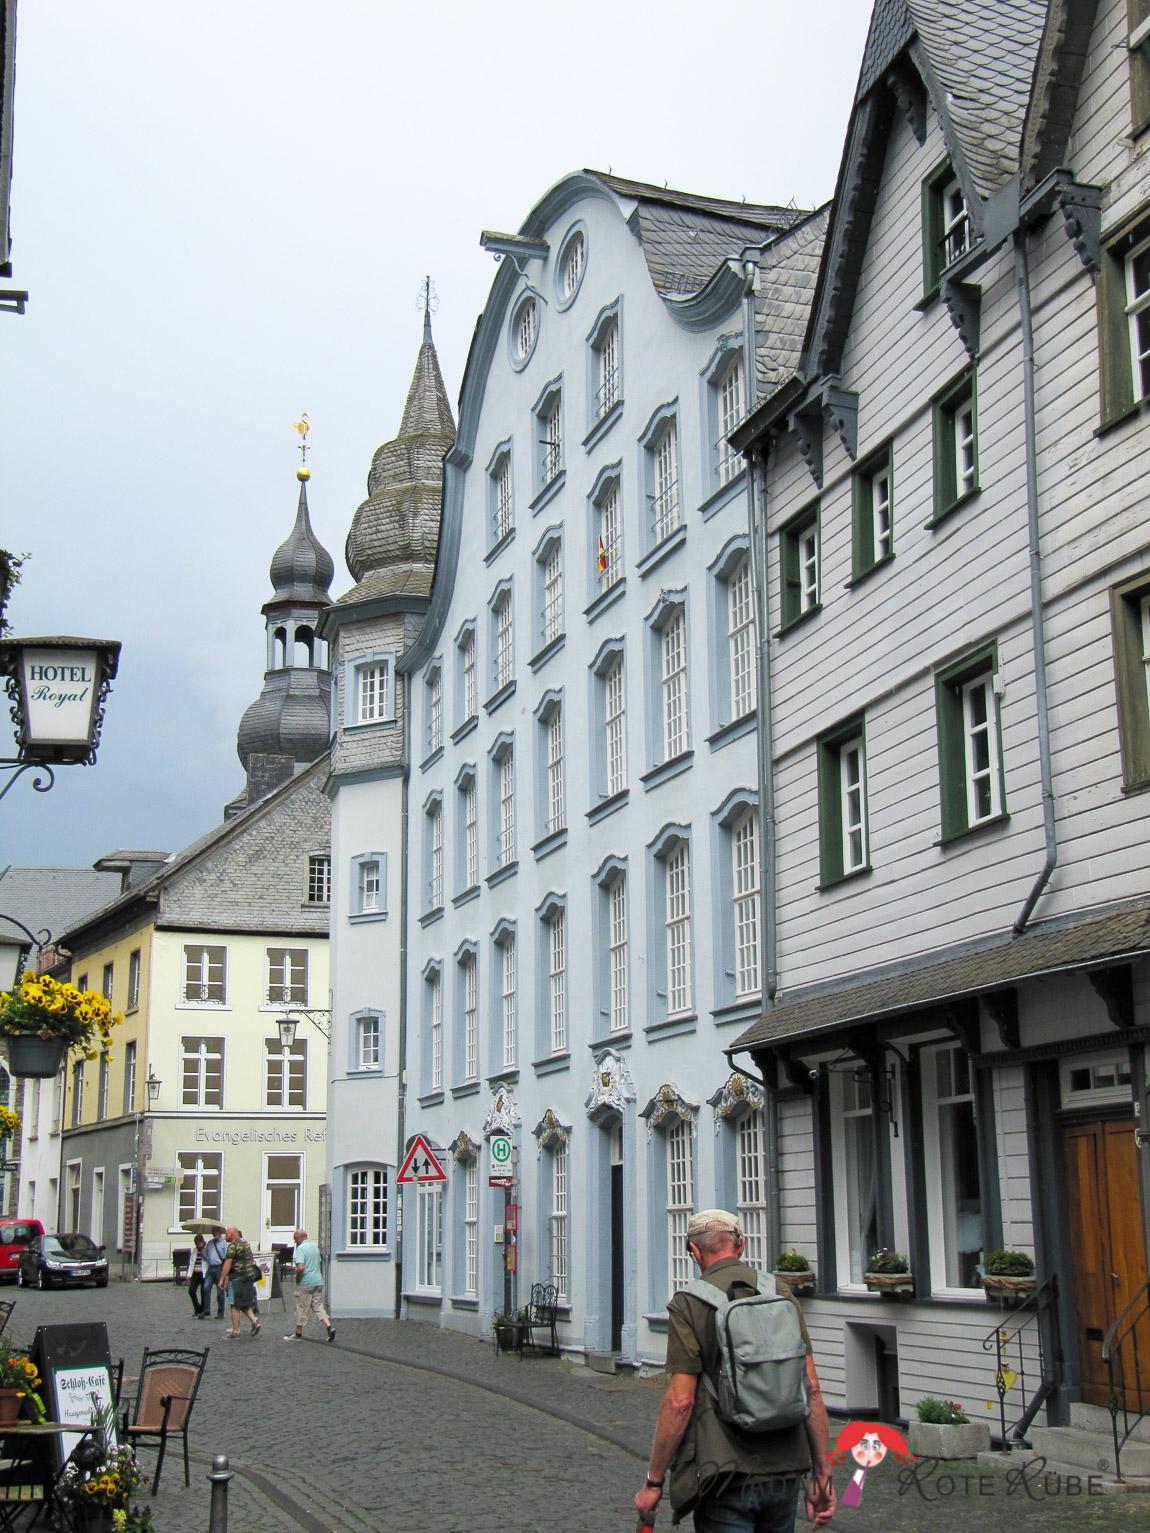 Madam Rote Rübe - Salted Caramel Erdnuss-Riegel ohne Backen und ein Ausflug nach Monschau/Eifel